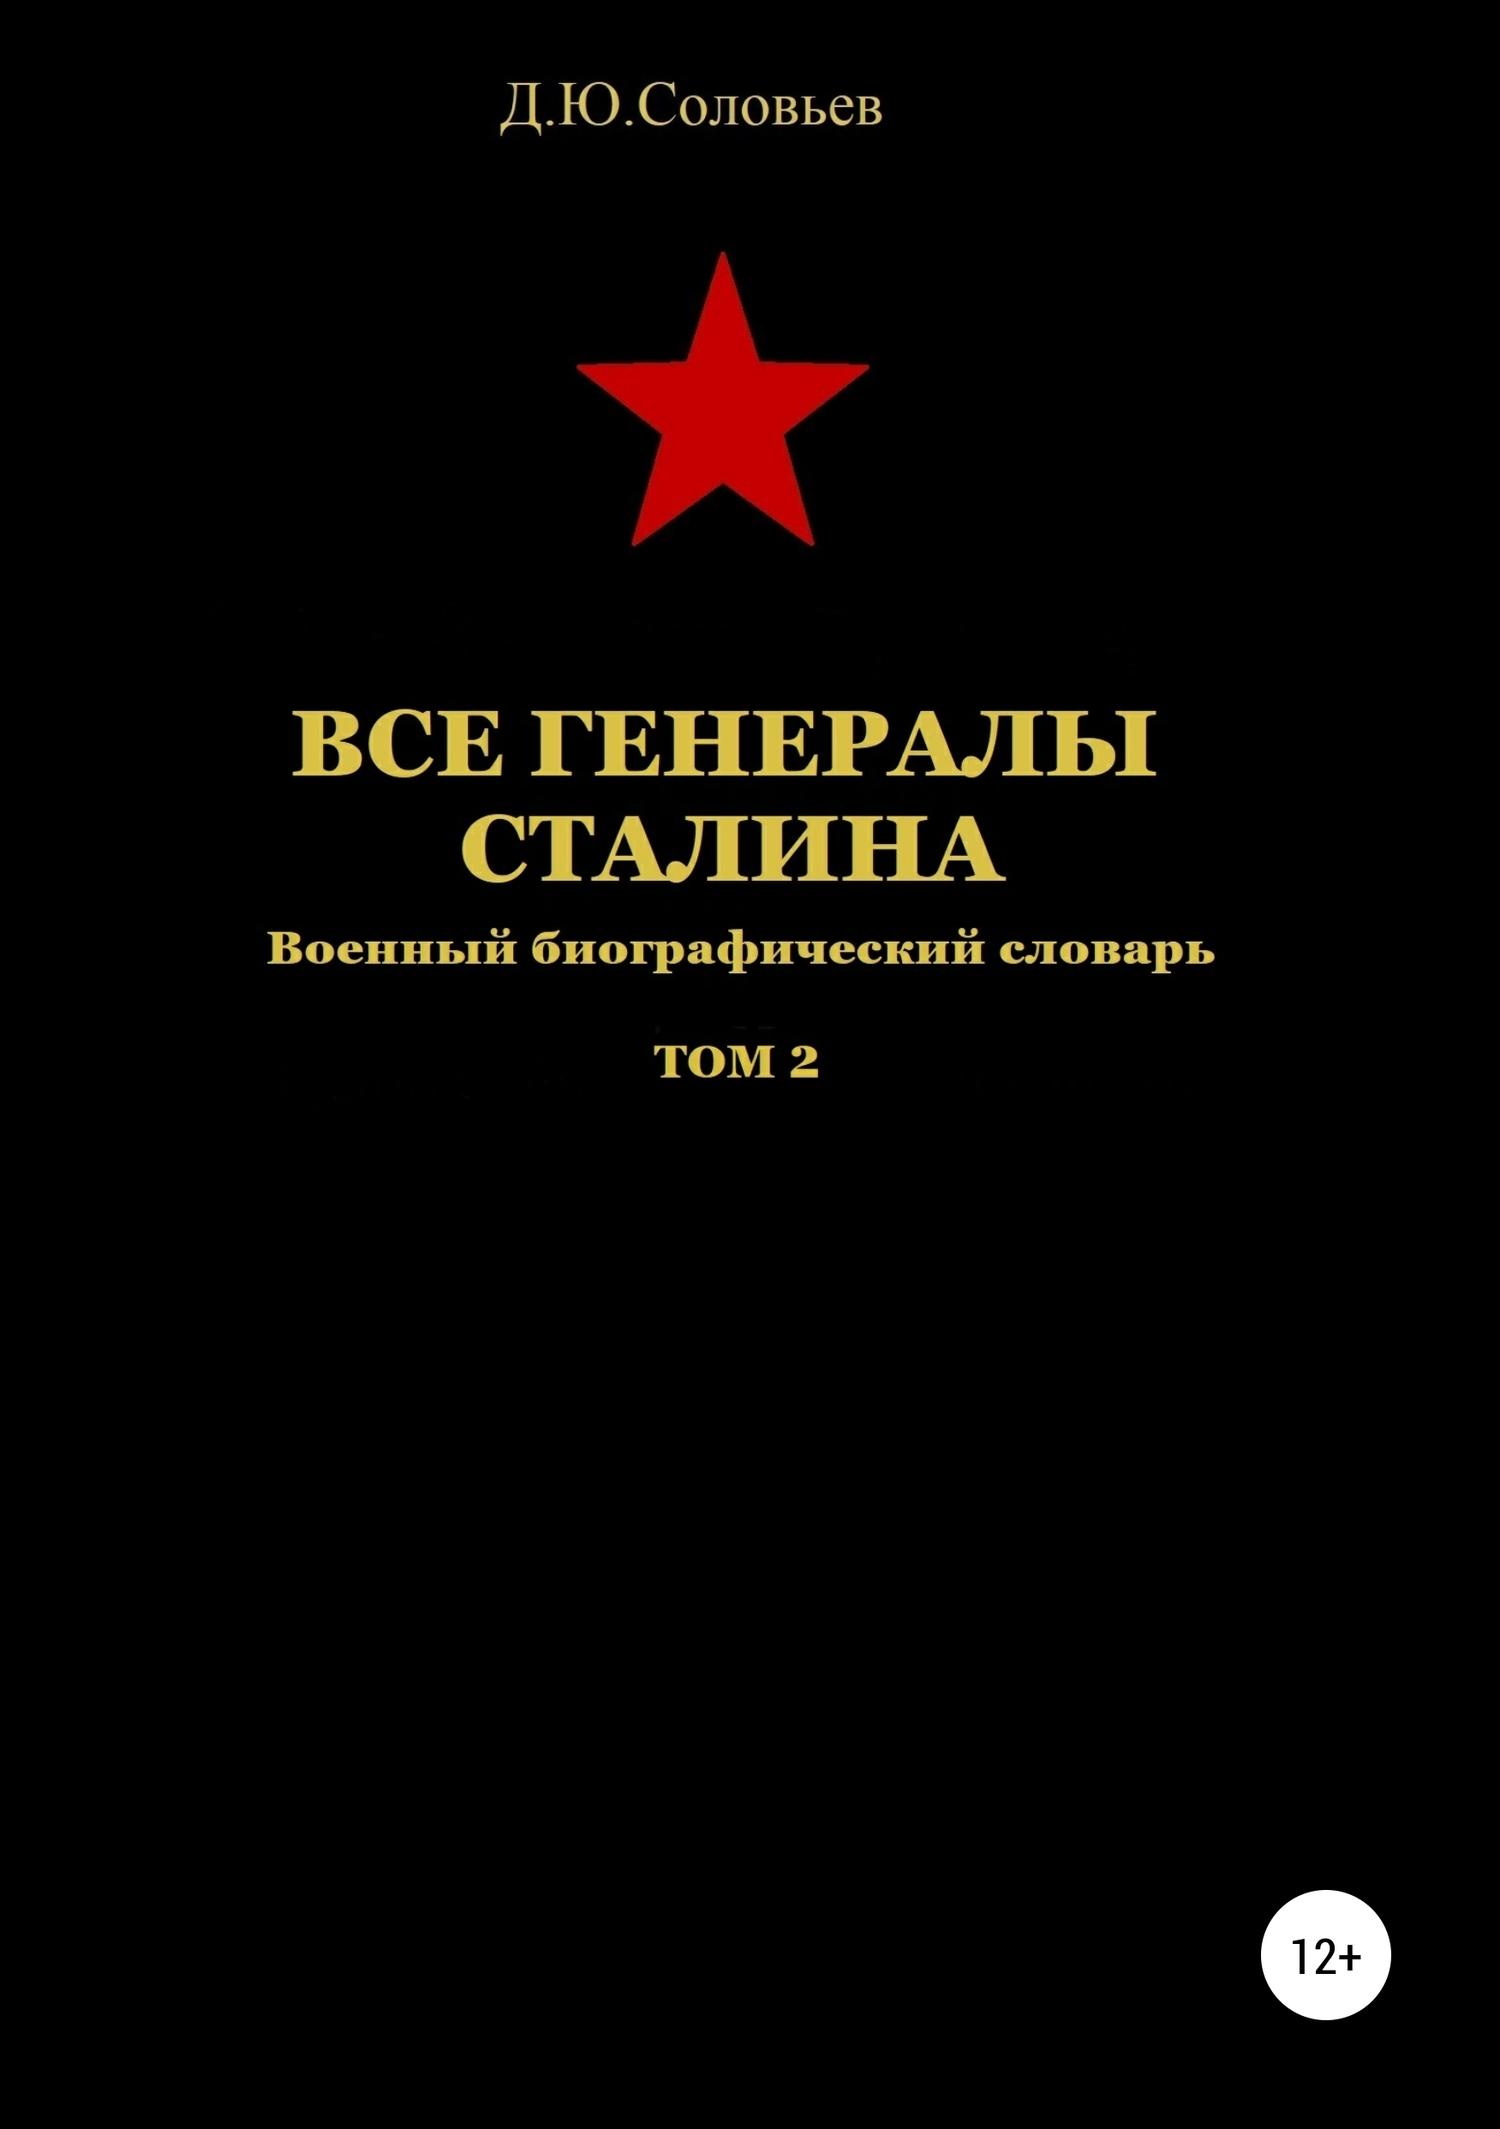 Все генералы Сталина. Том 2